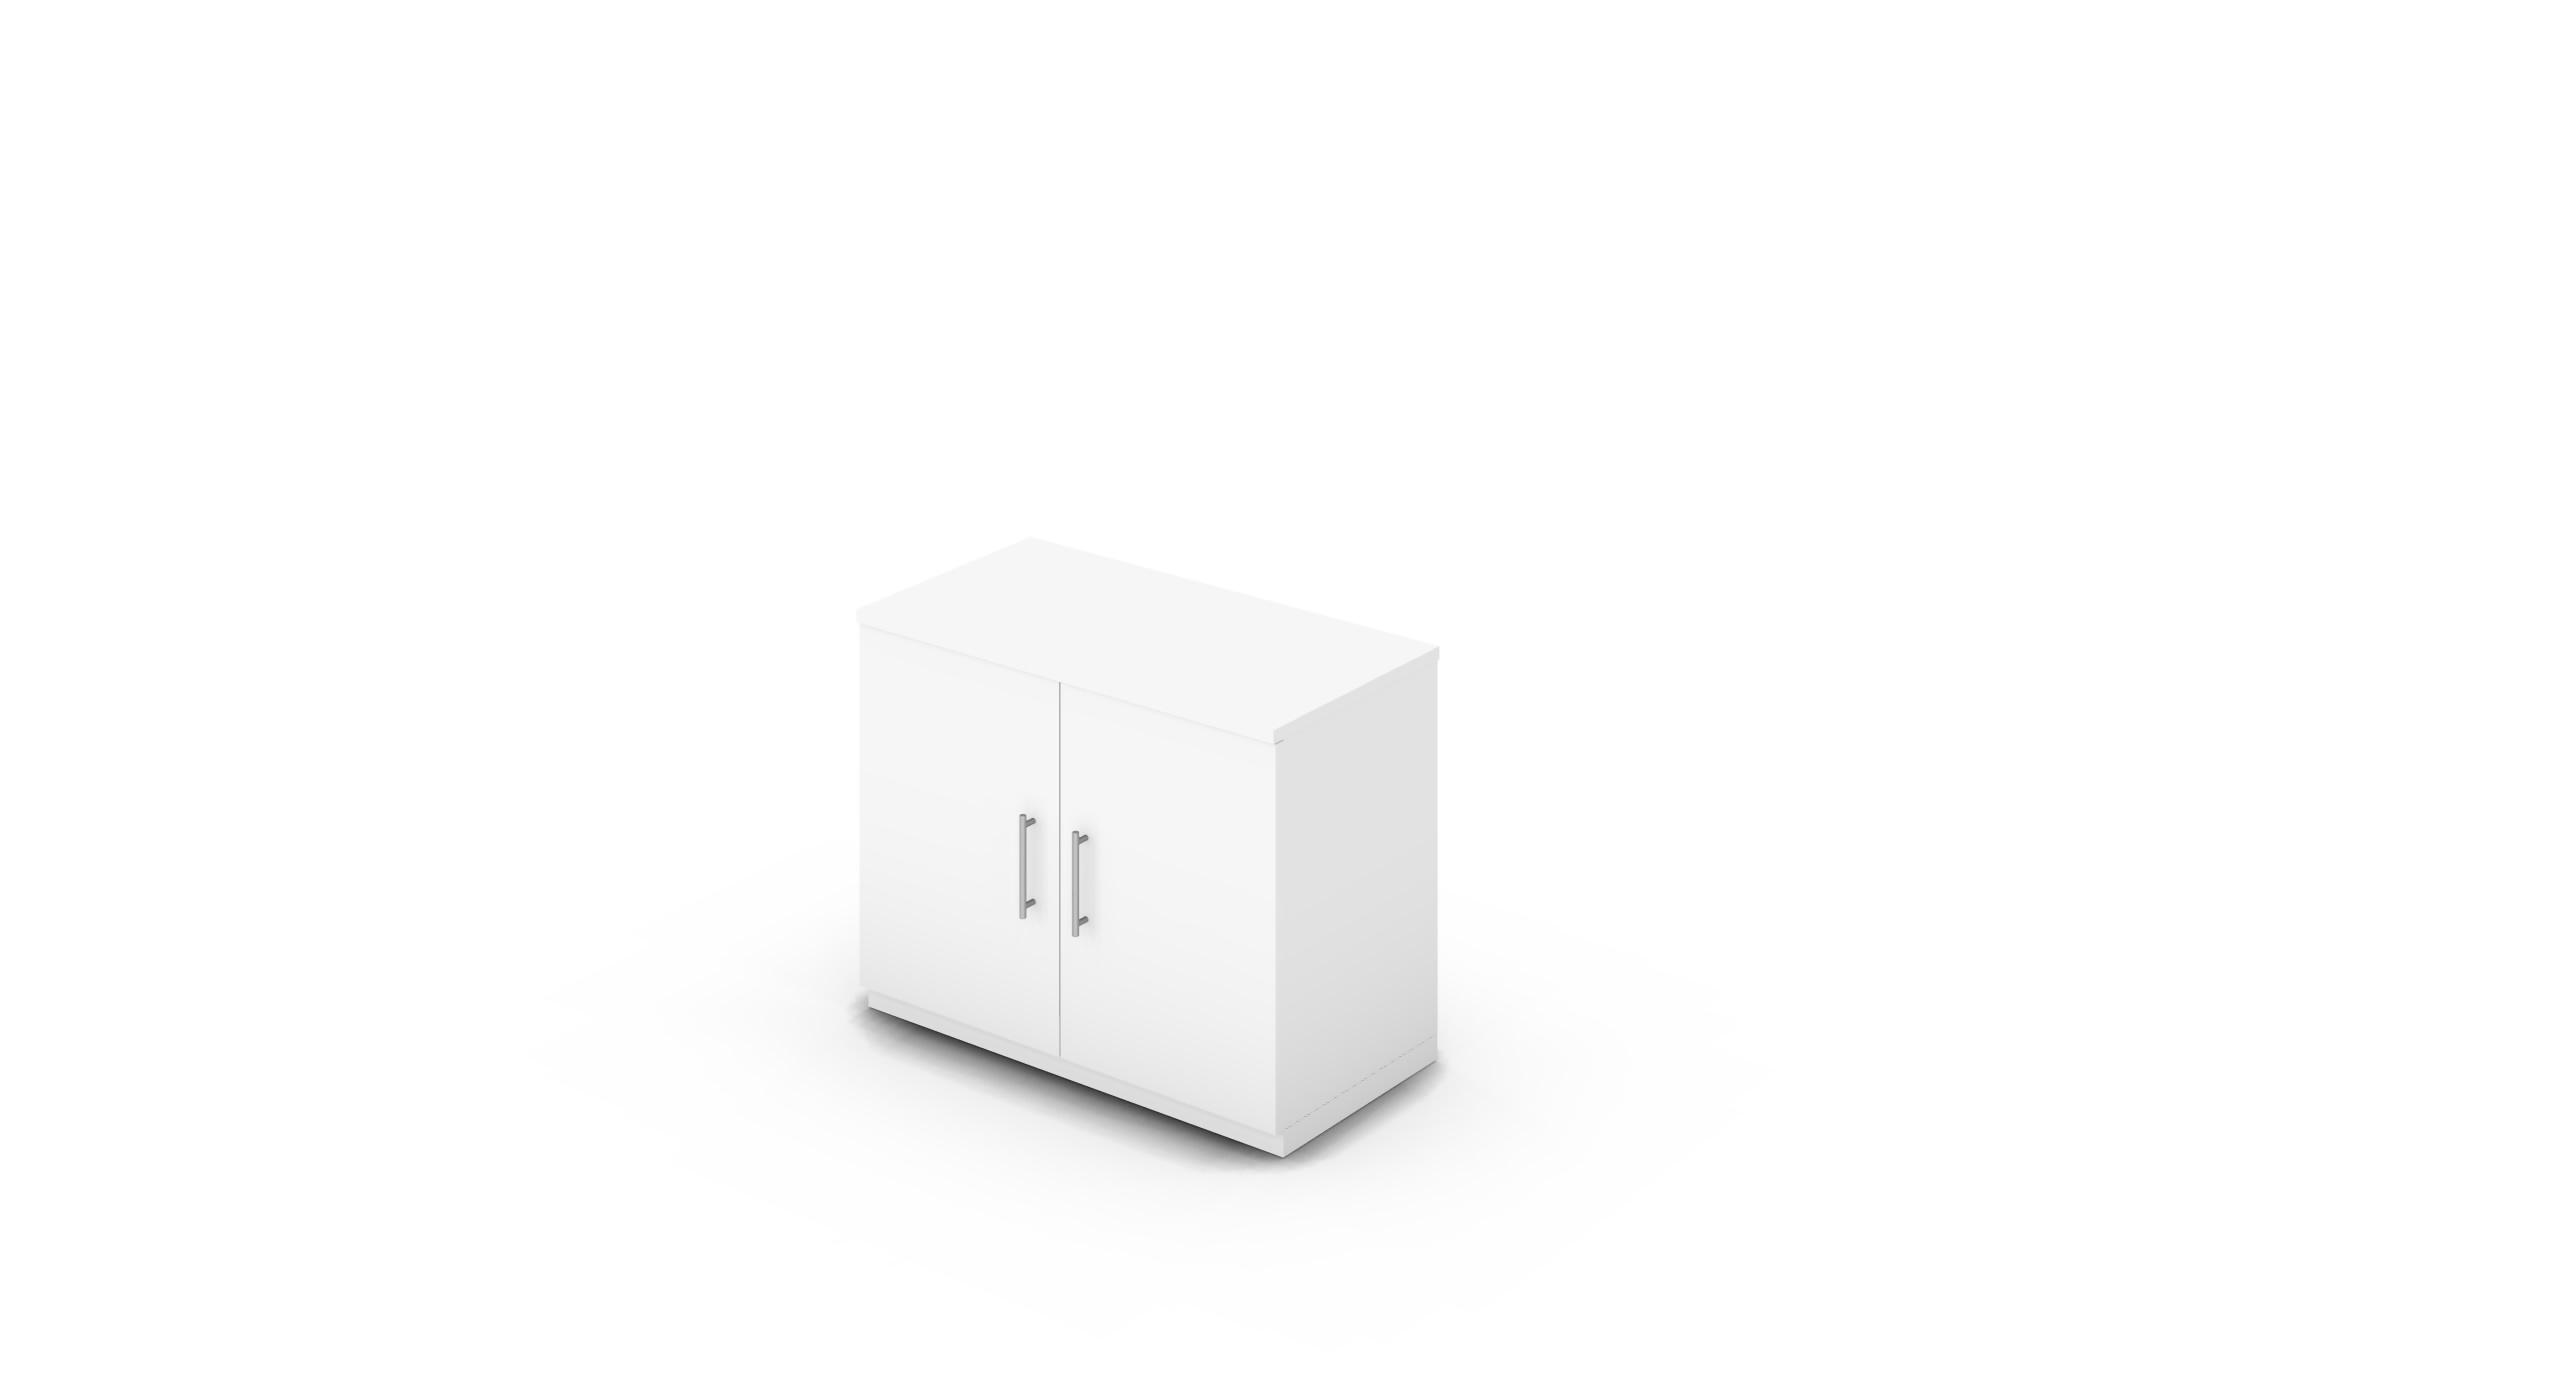 Cabinet_900x450x775_HD_White_Bar_Round_NoCylinder